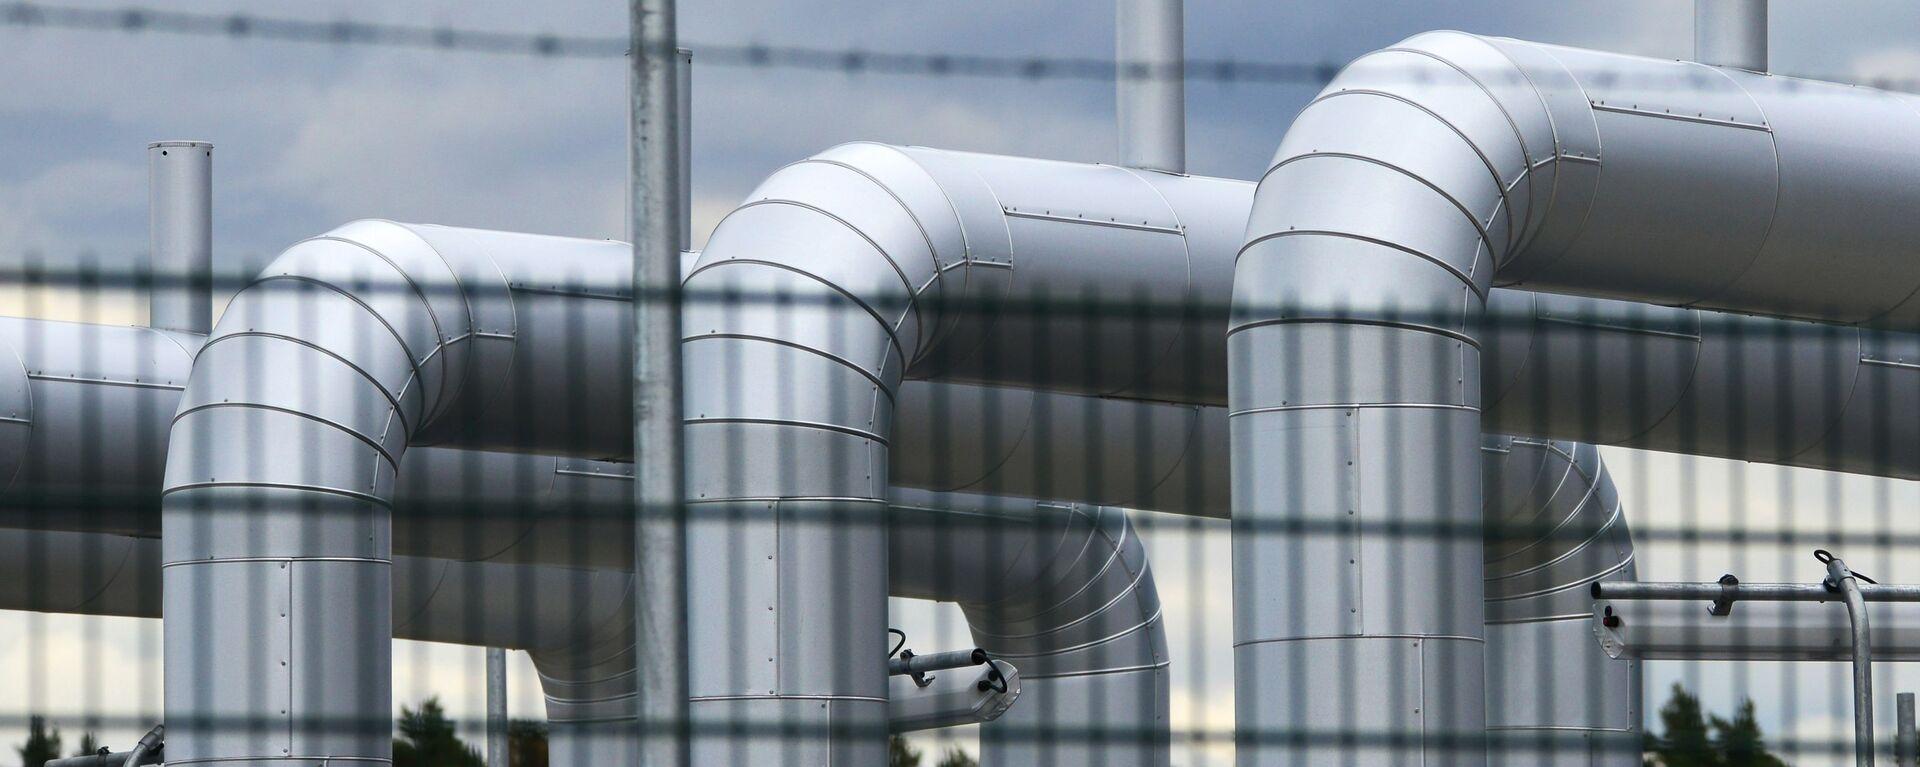 La construcción del gasoducto Nord Stream 2 - Sputnik Mundo, 1920, 02.02.2021